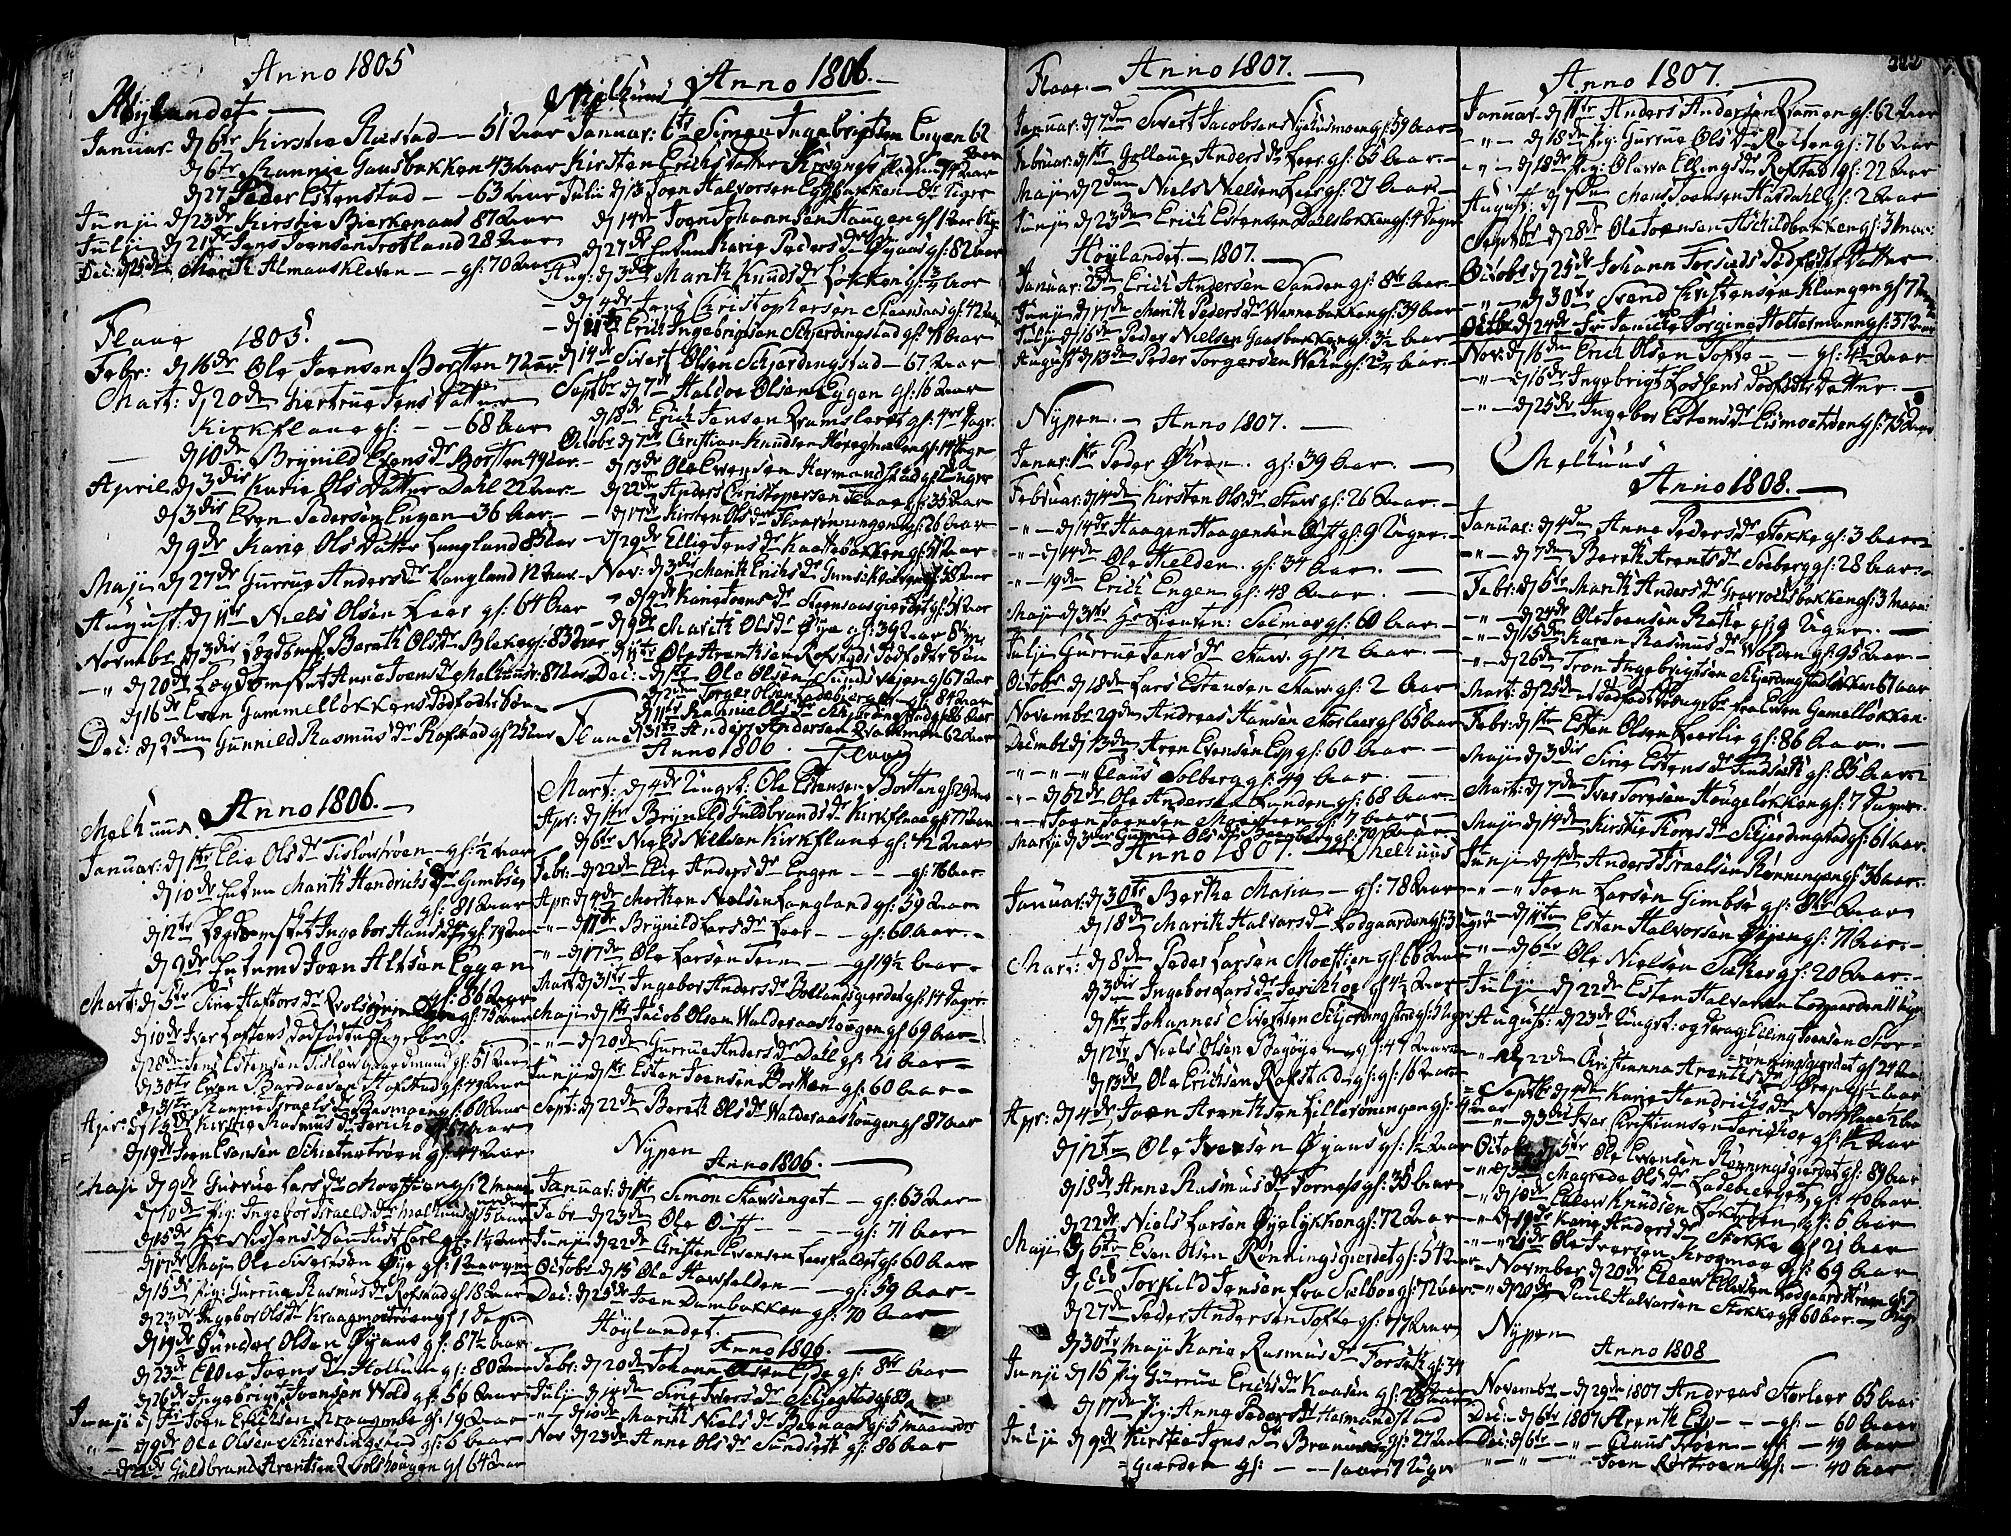 SAT, Ministerialprotokoller, klokkerbøker og fødselsregistre - Sør-Trøndelag, 691/L1061: Ministerialbok nr. 691A02 /1, 1768-1815, s. 222